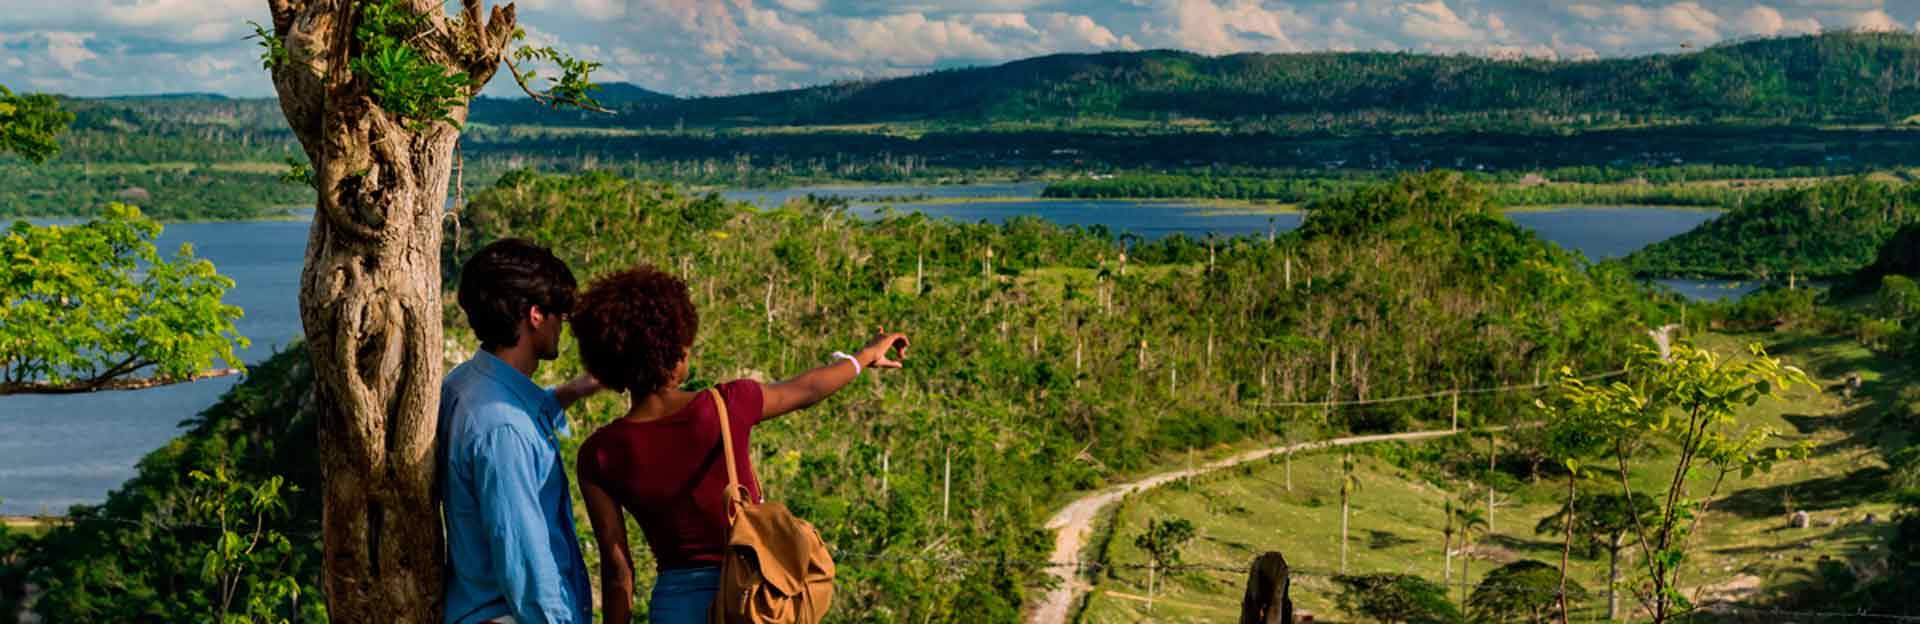 Turismo en cuba naturaleza de cuba cuba travel for Como llegar a jardines de la reina cuba